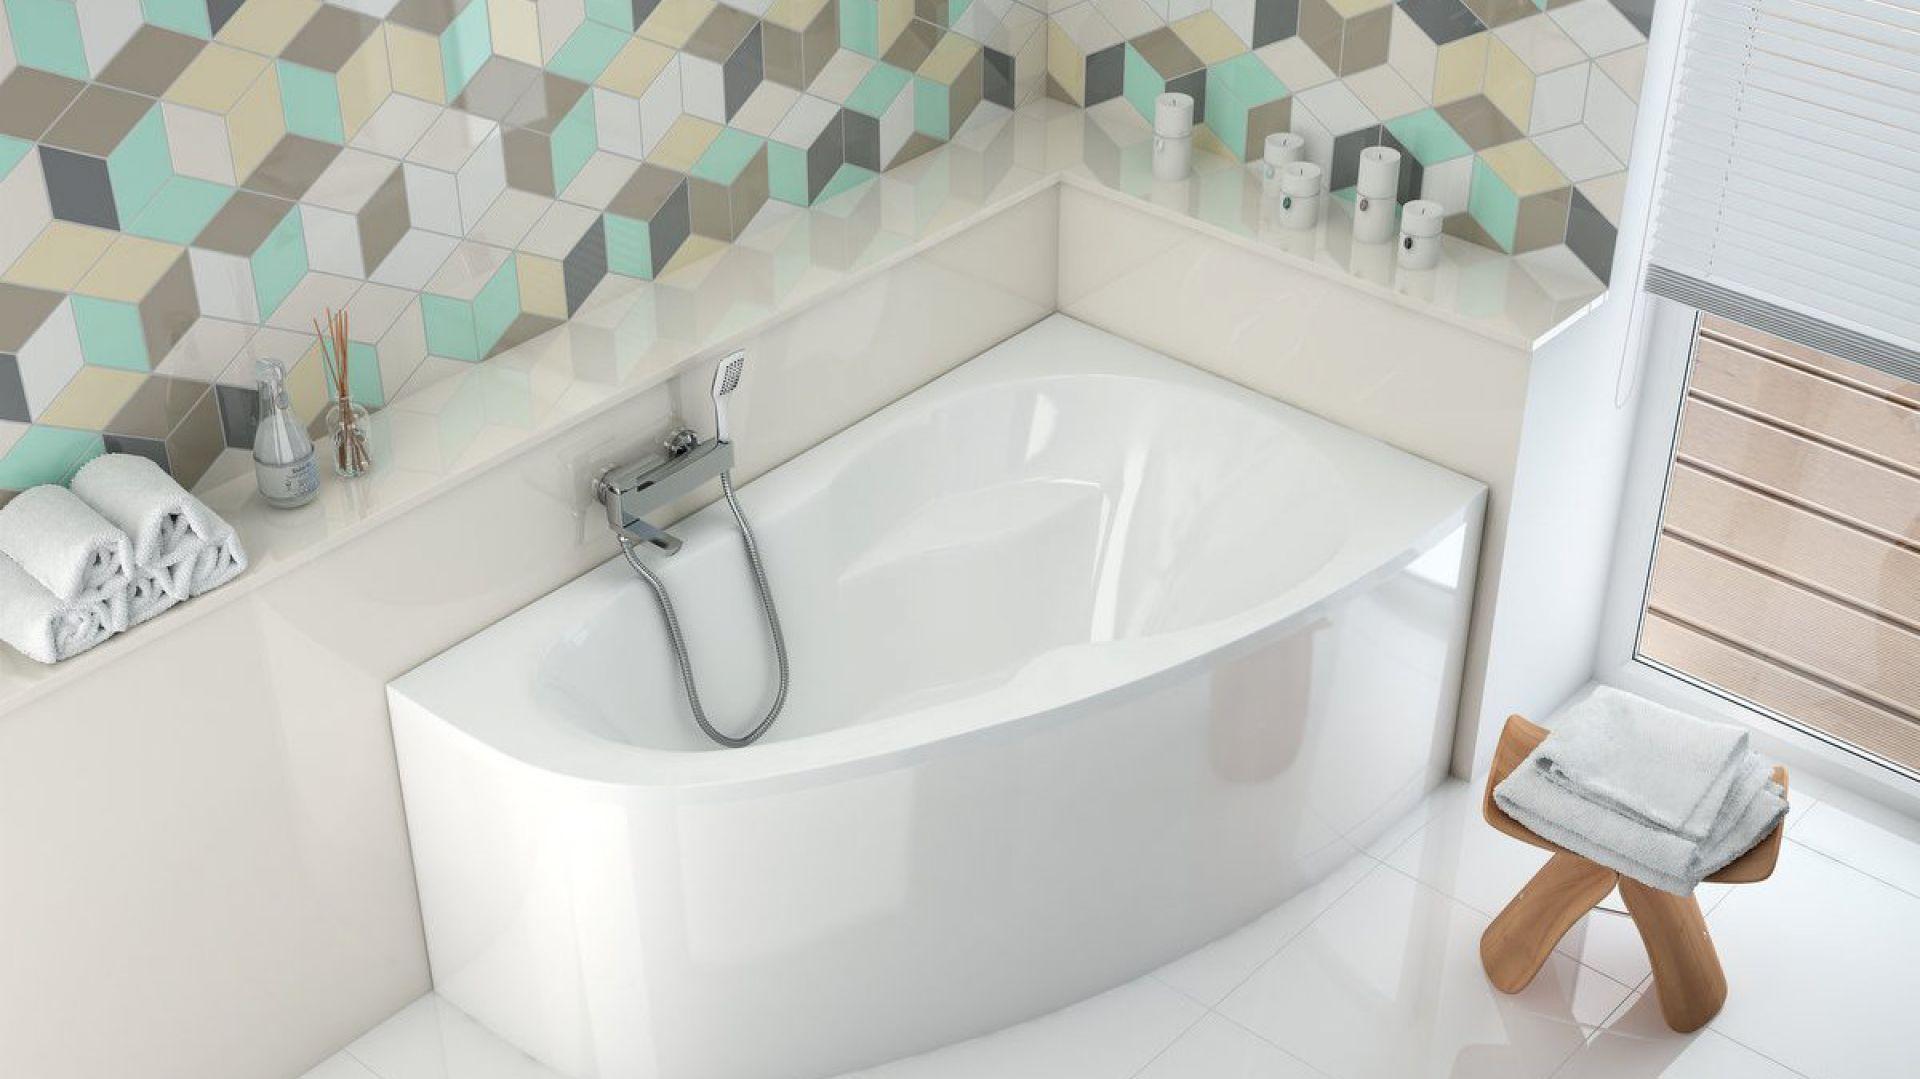 Mała łazienka Wybieramy Idealną Wannę